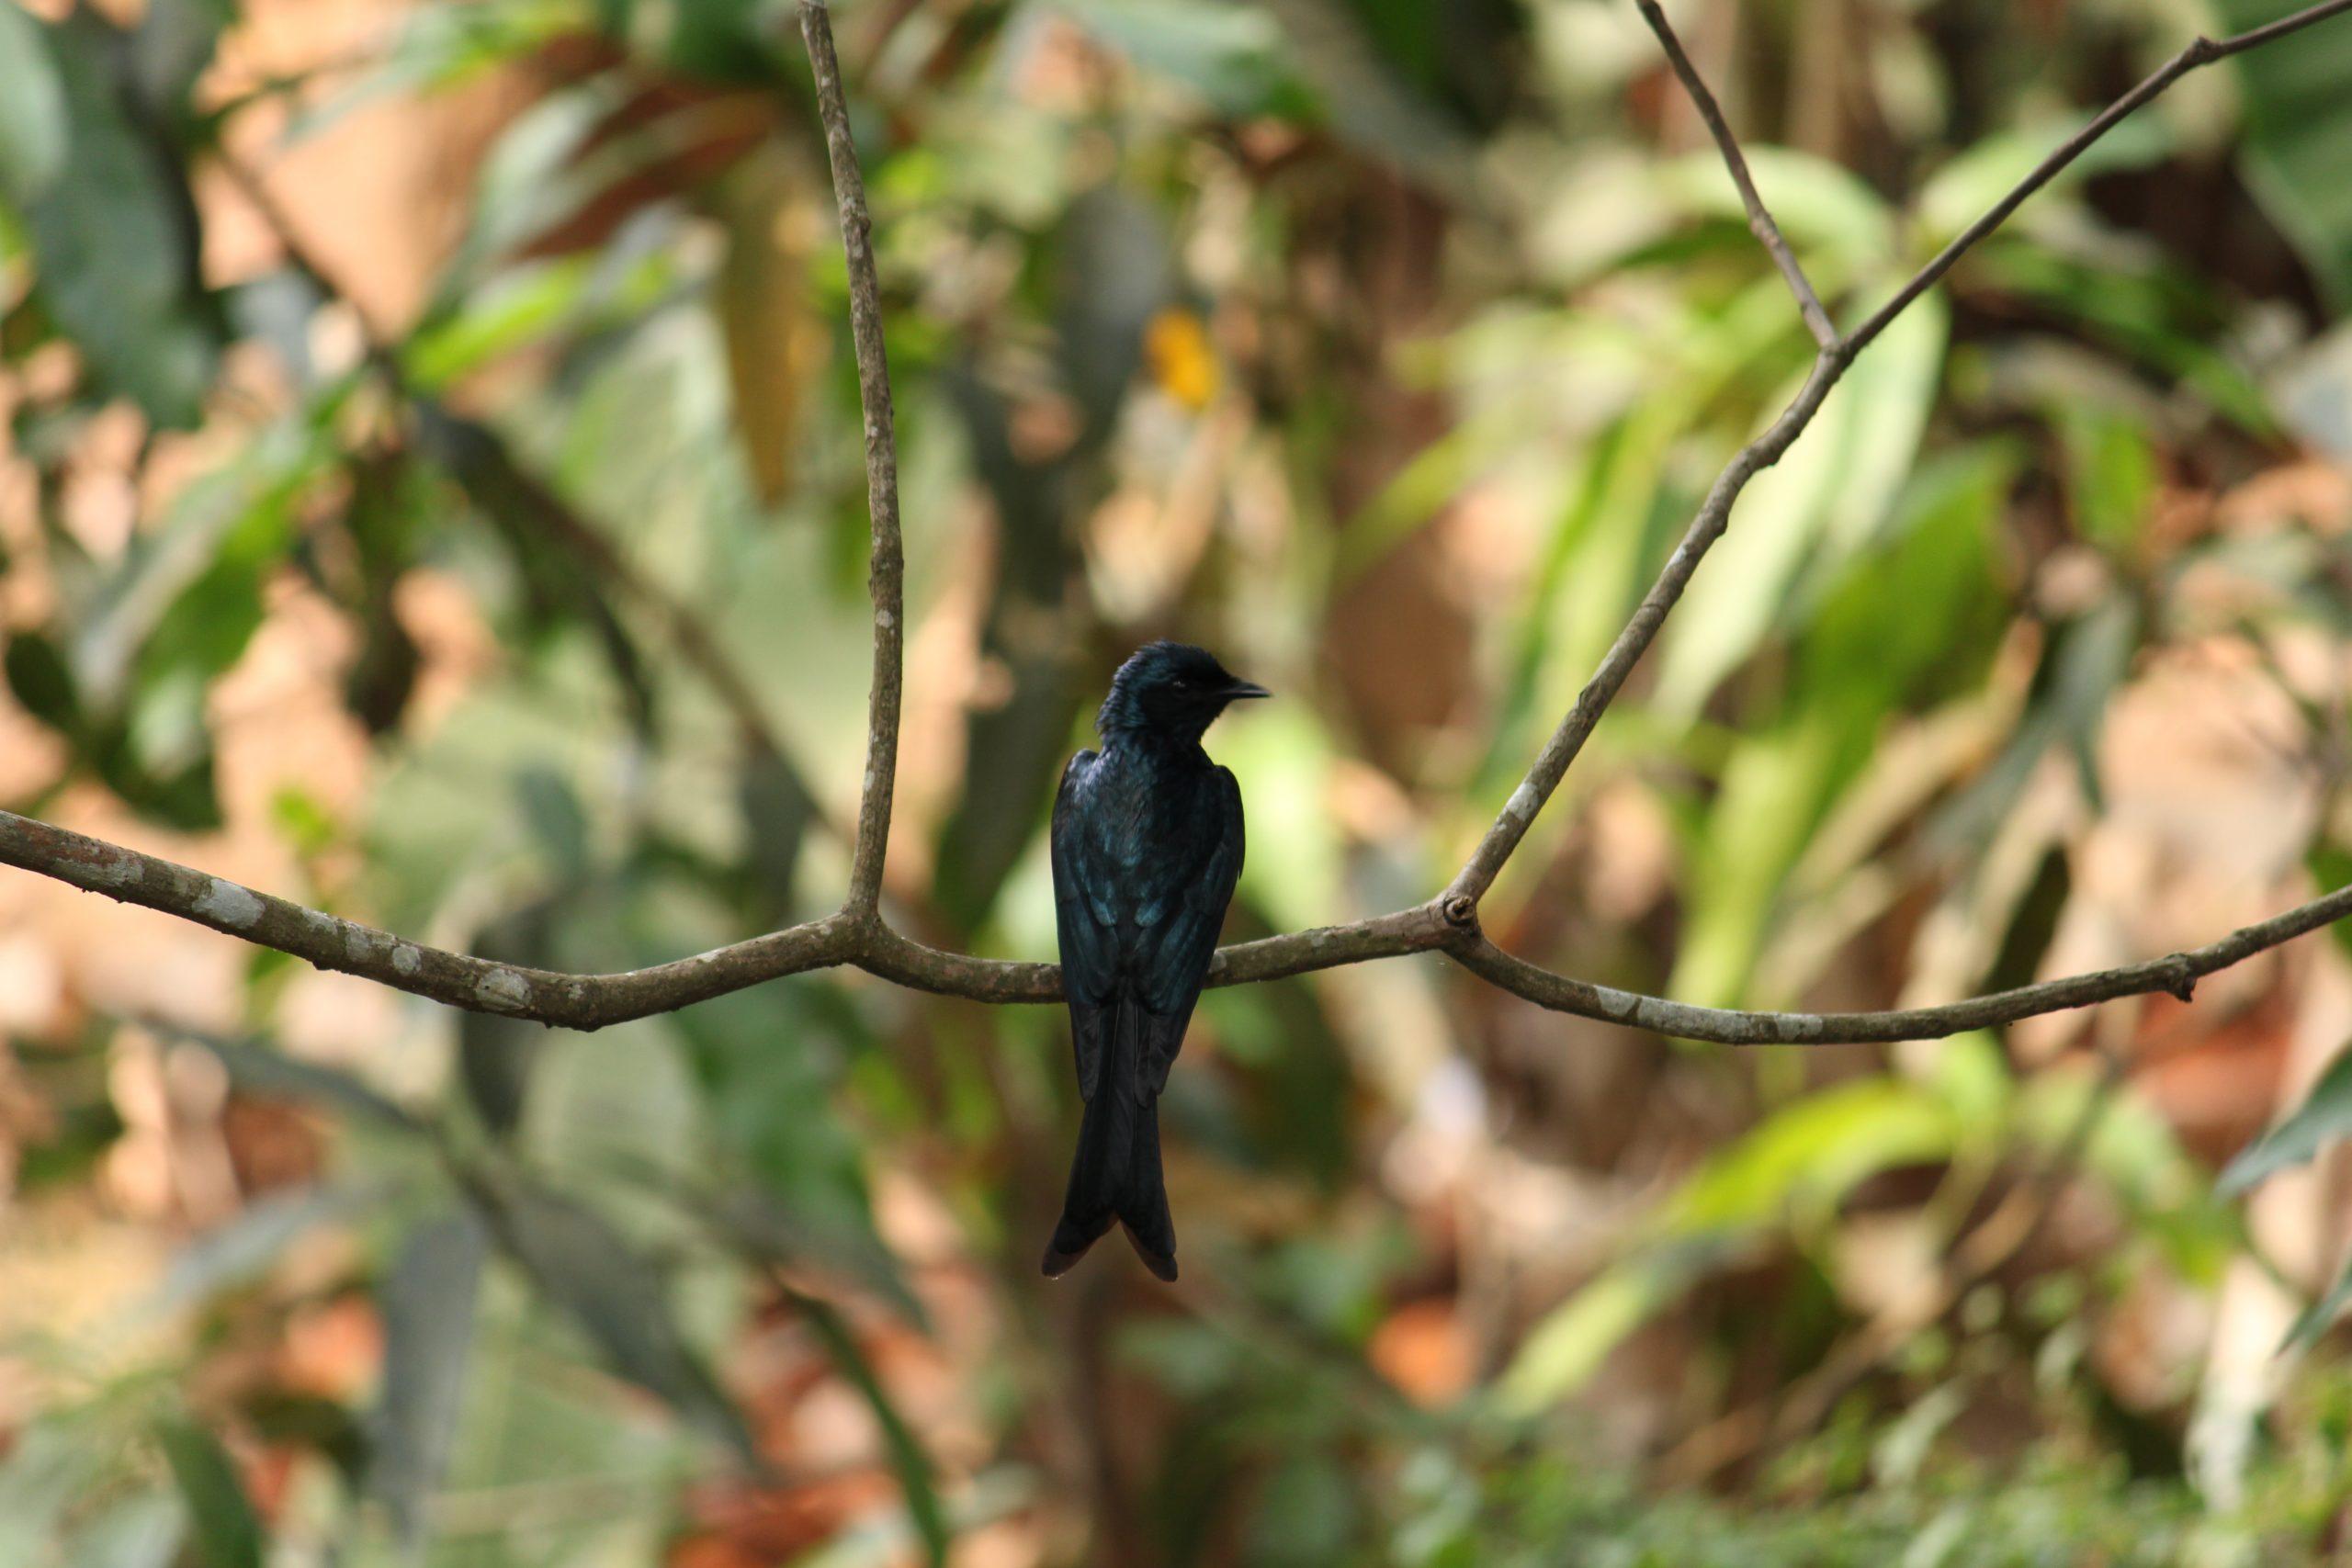 A perching bird